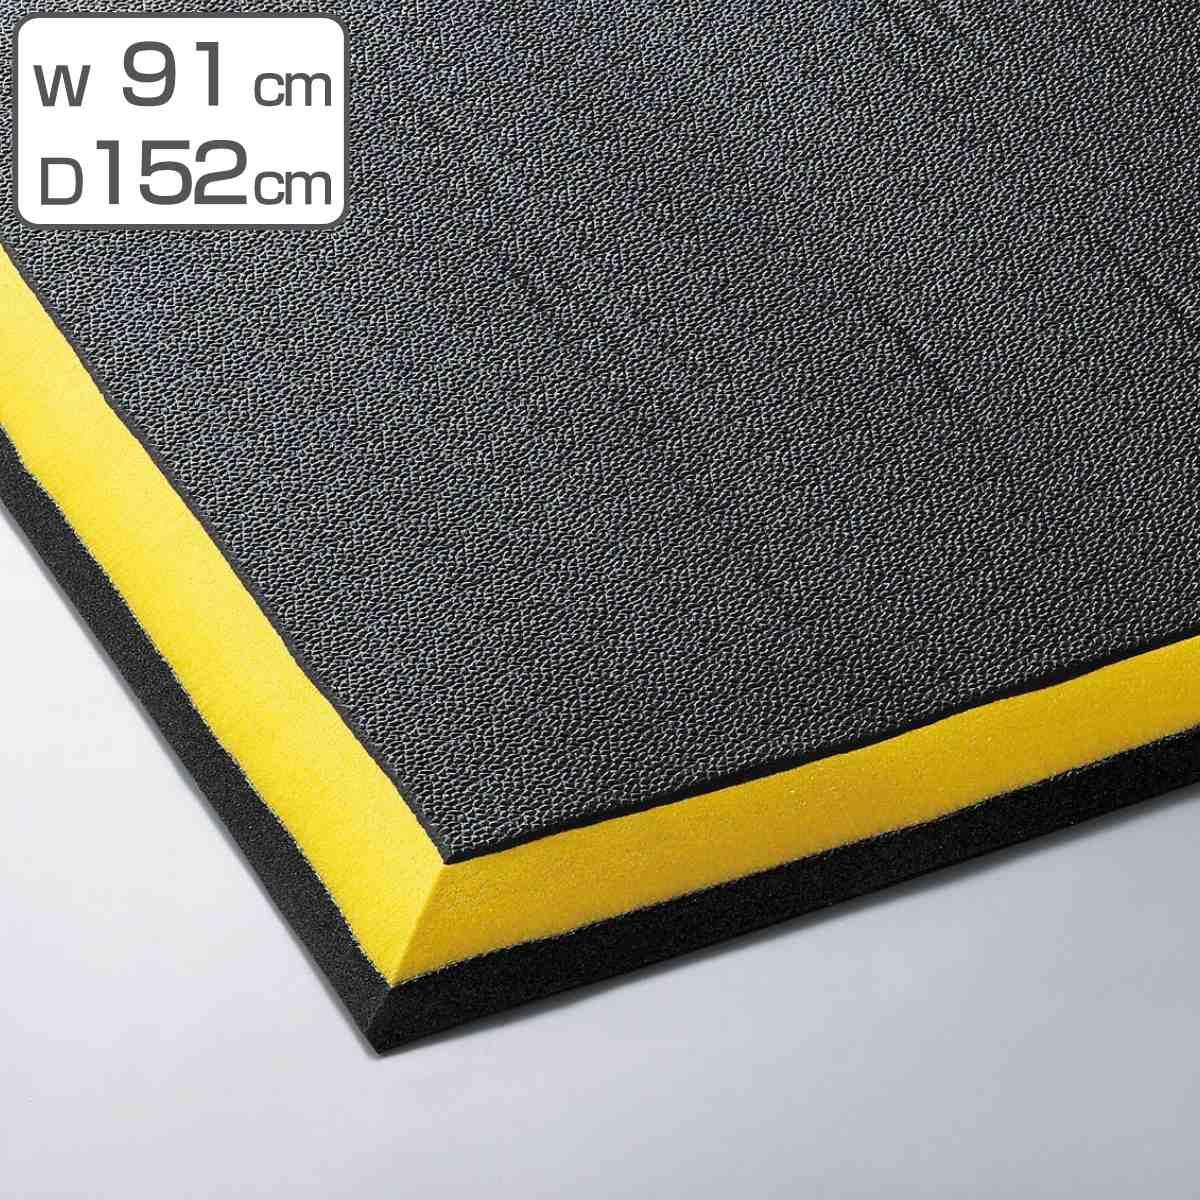 クッションマット ケアソフト クッションキングEX 910×1520 (山崎産業 送料無料 ) 【3980円以上送料無料】